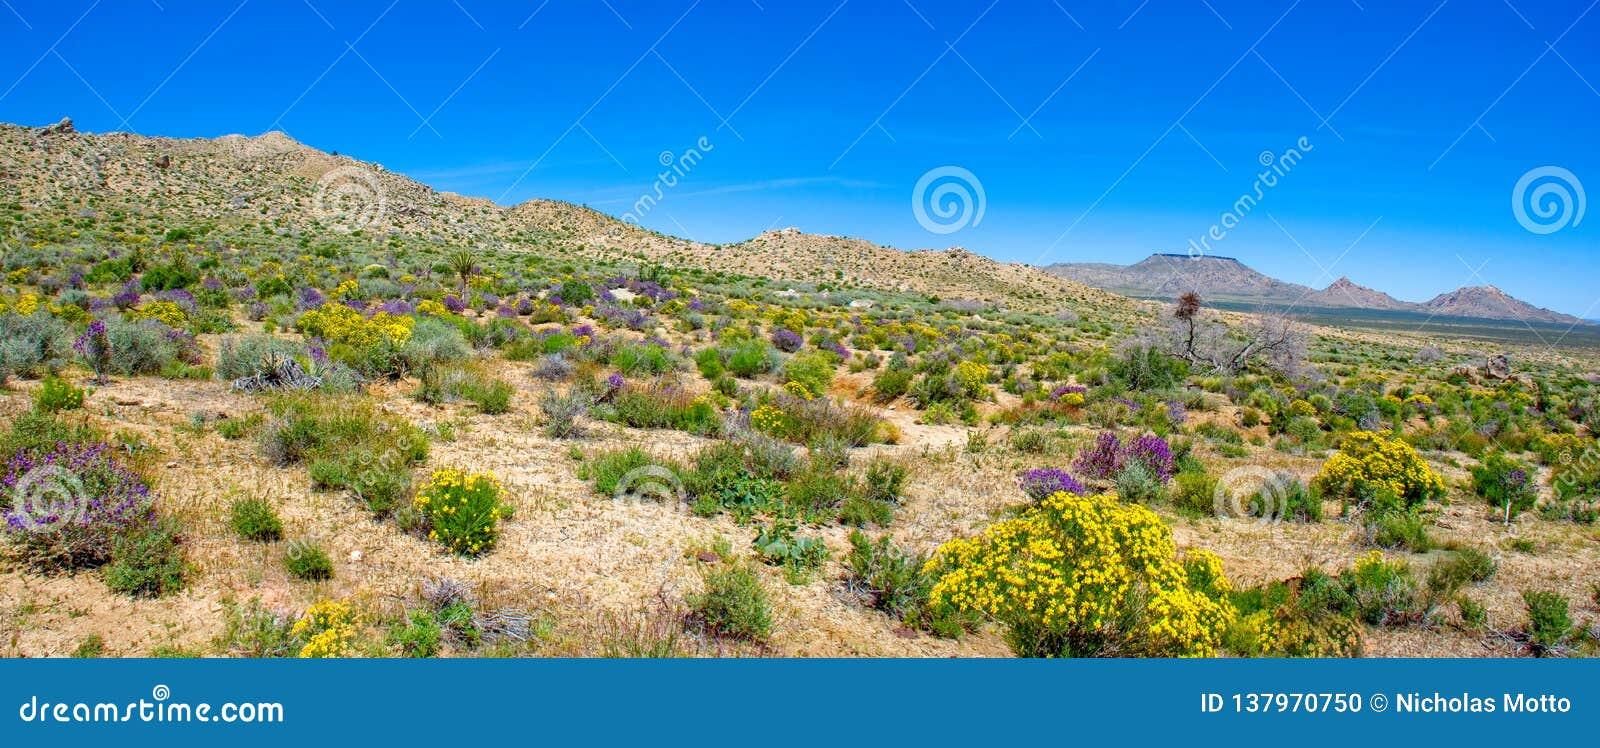 El sabio púrpura y las flores salvajes amarillas exhiben los colores de Pascua